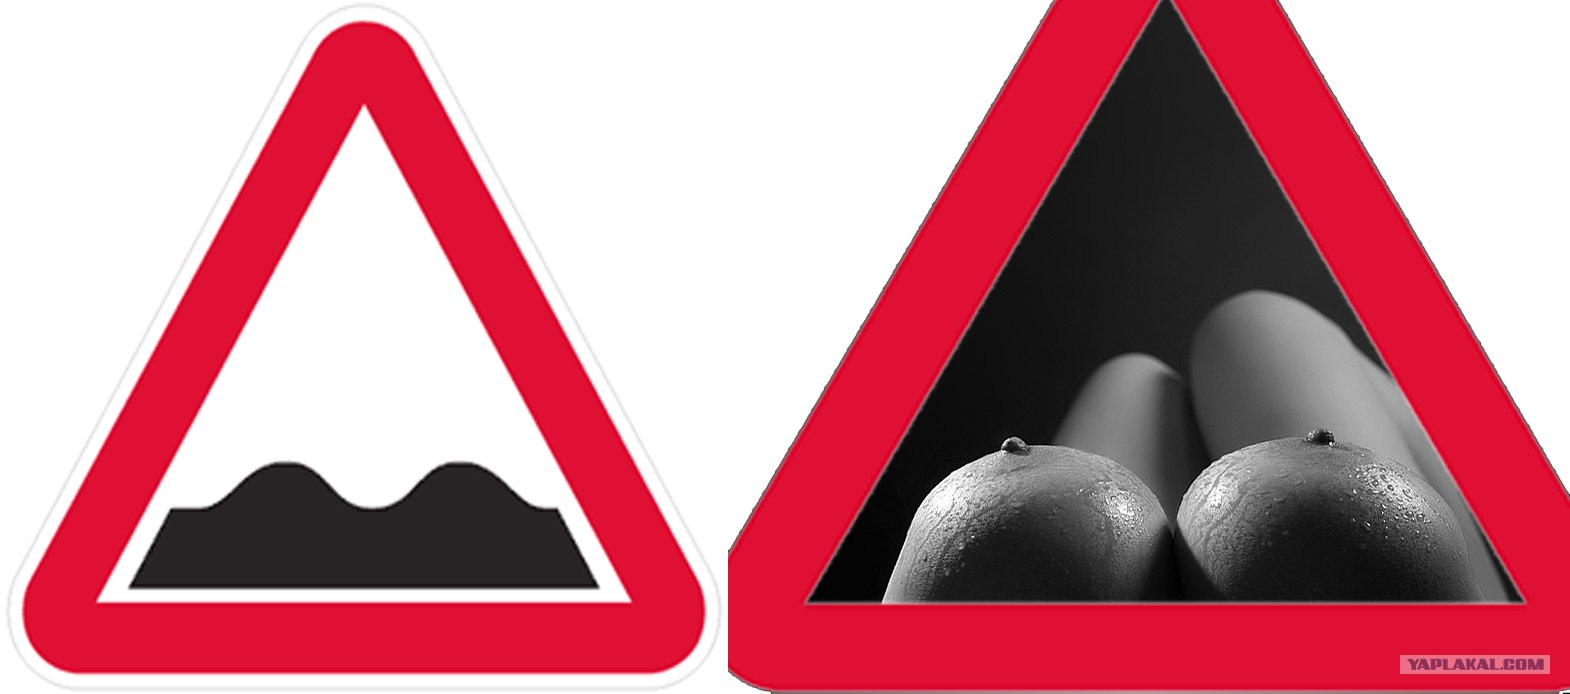 дорожные знаки картинки: